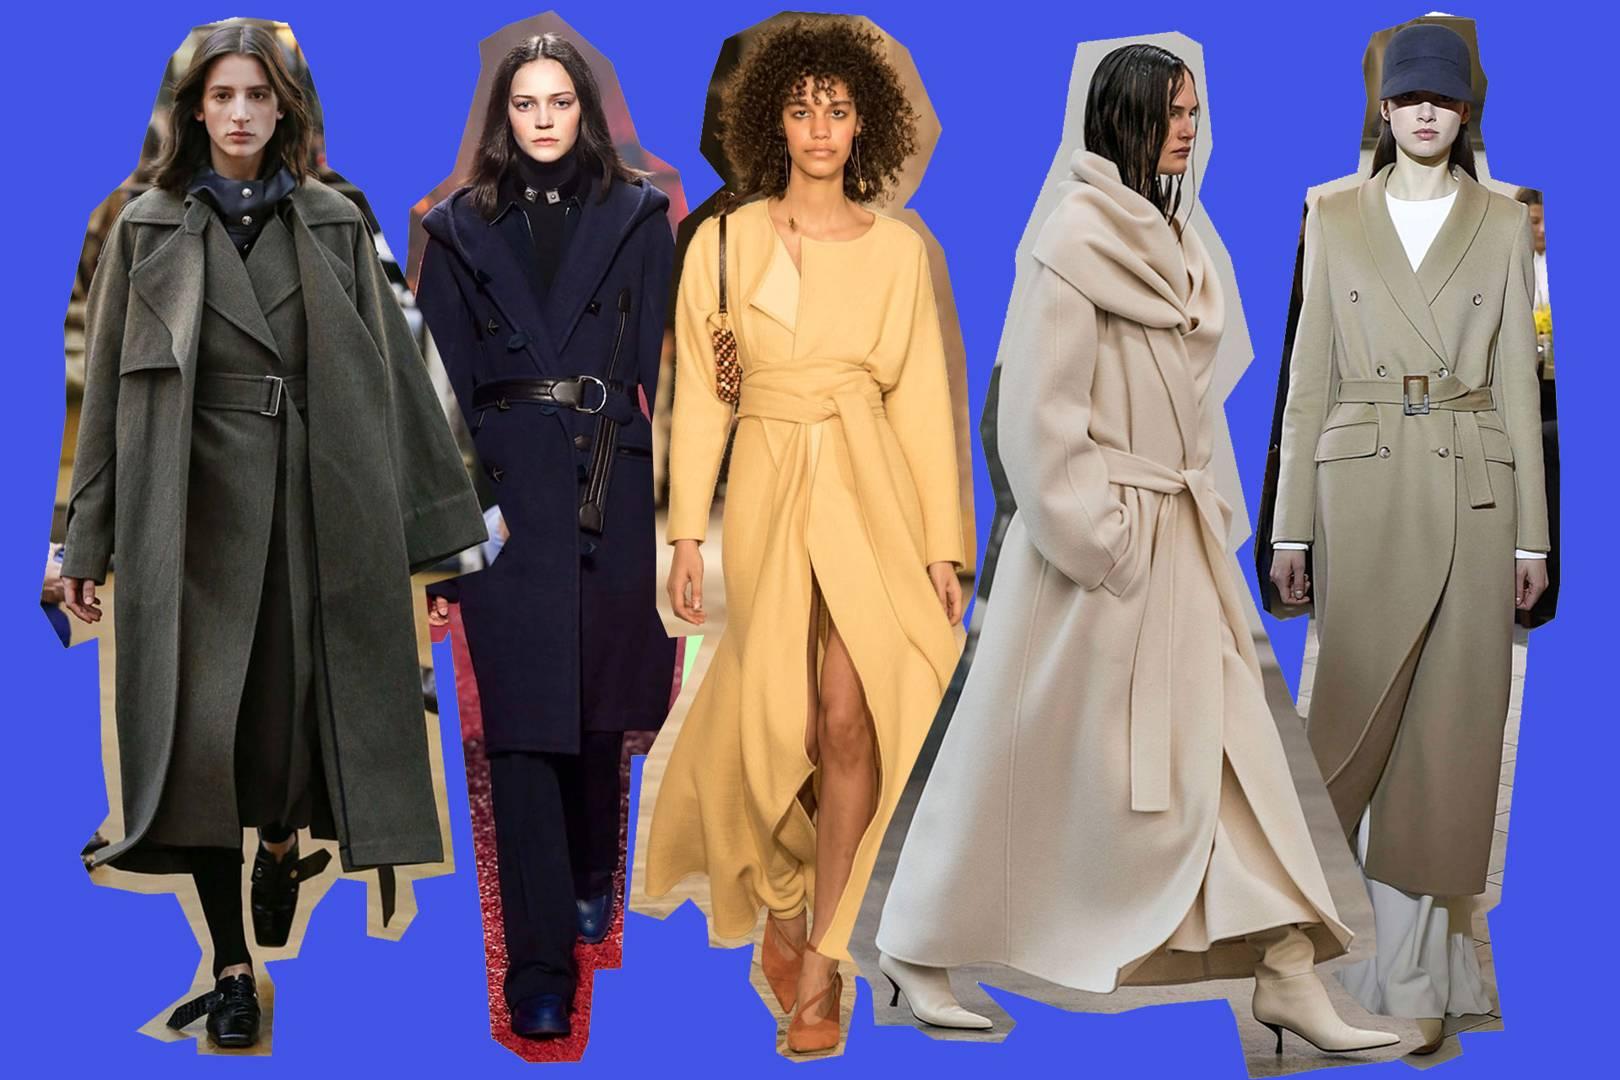 fd052b6c4 Best Winter Coats 2018 | The Women's Winter Coats To Buy Now ...